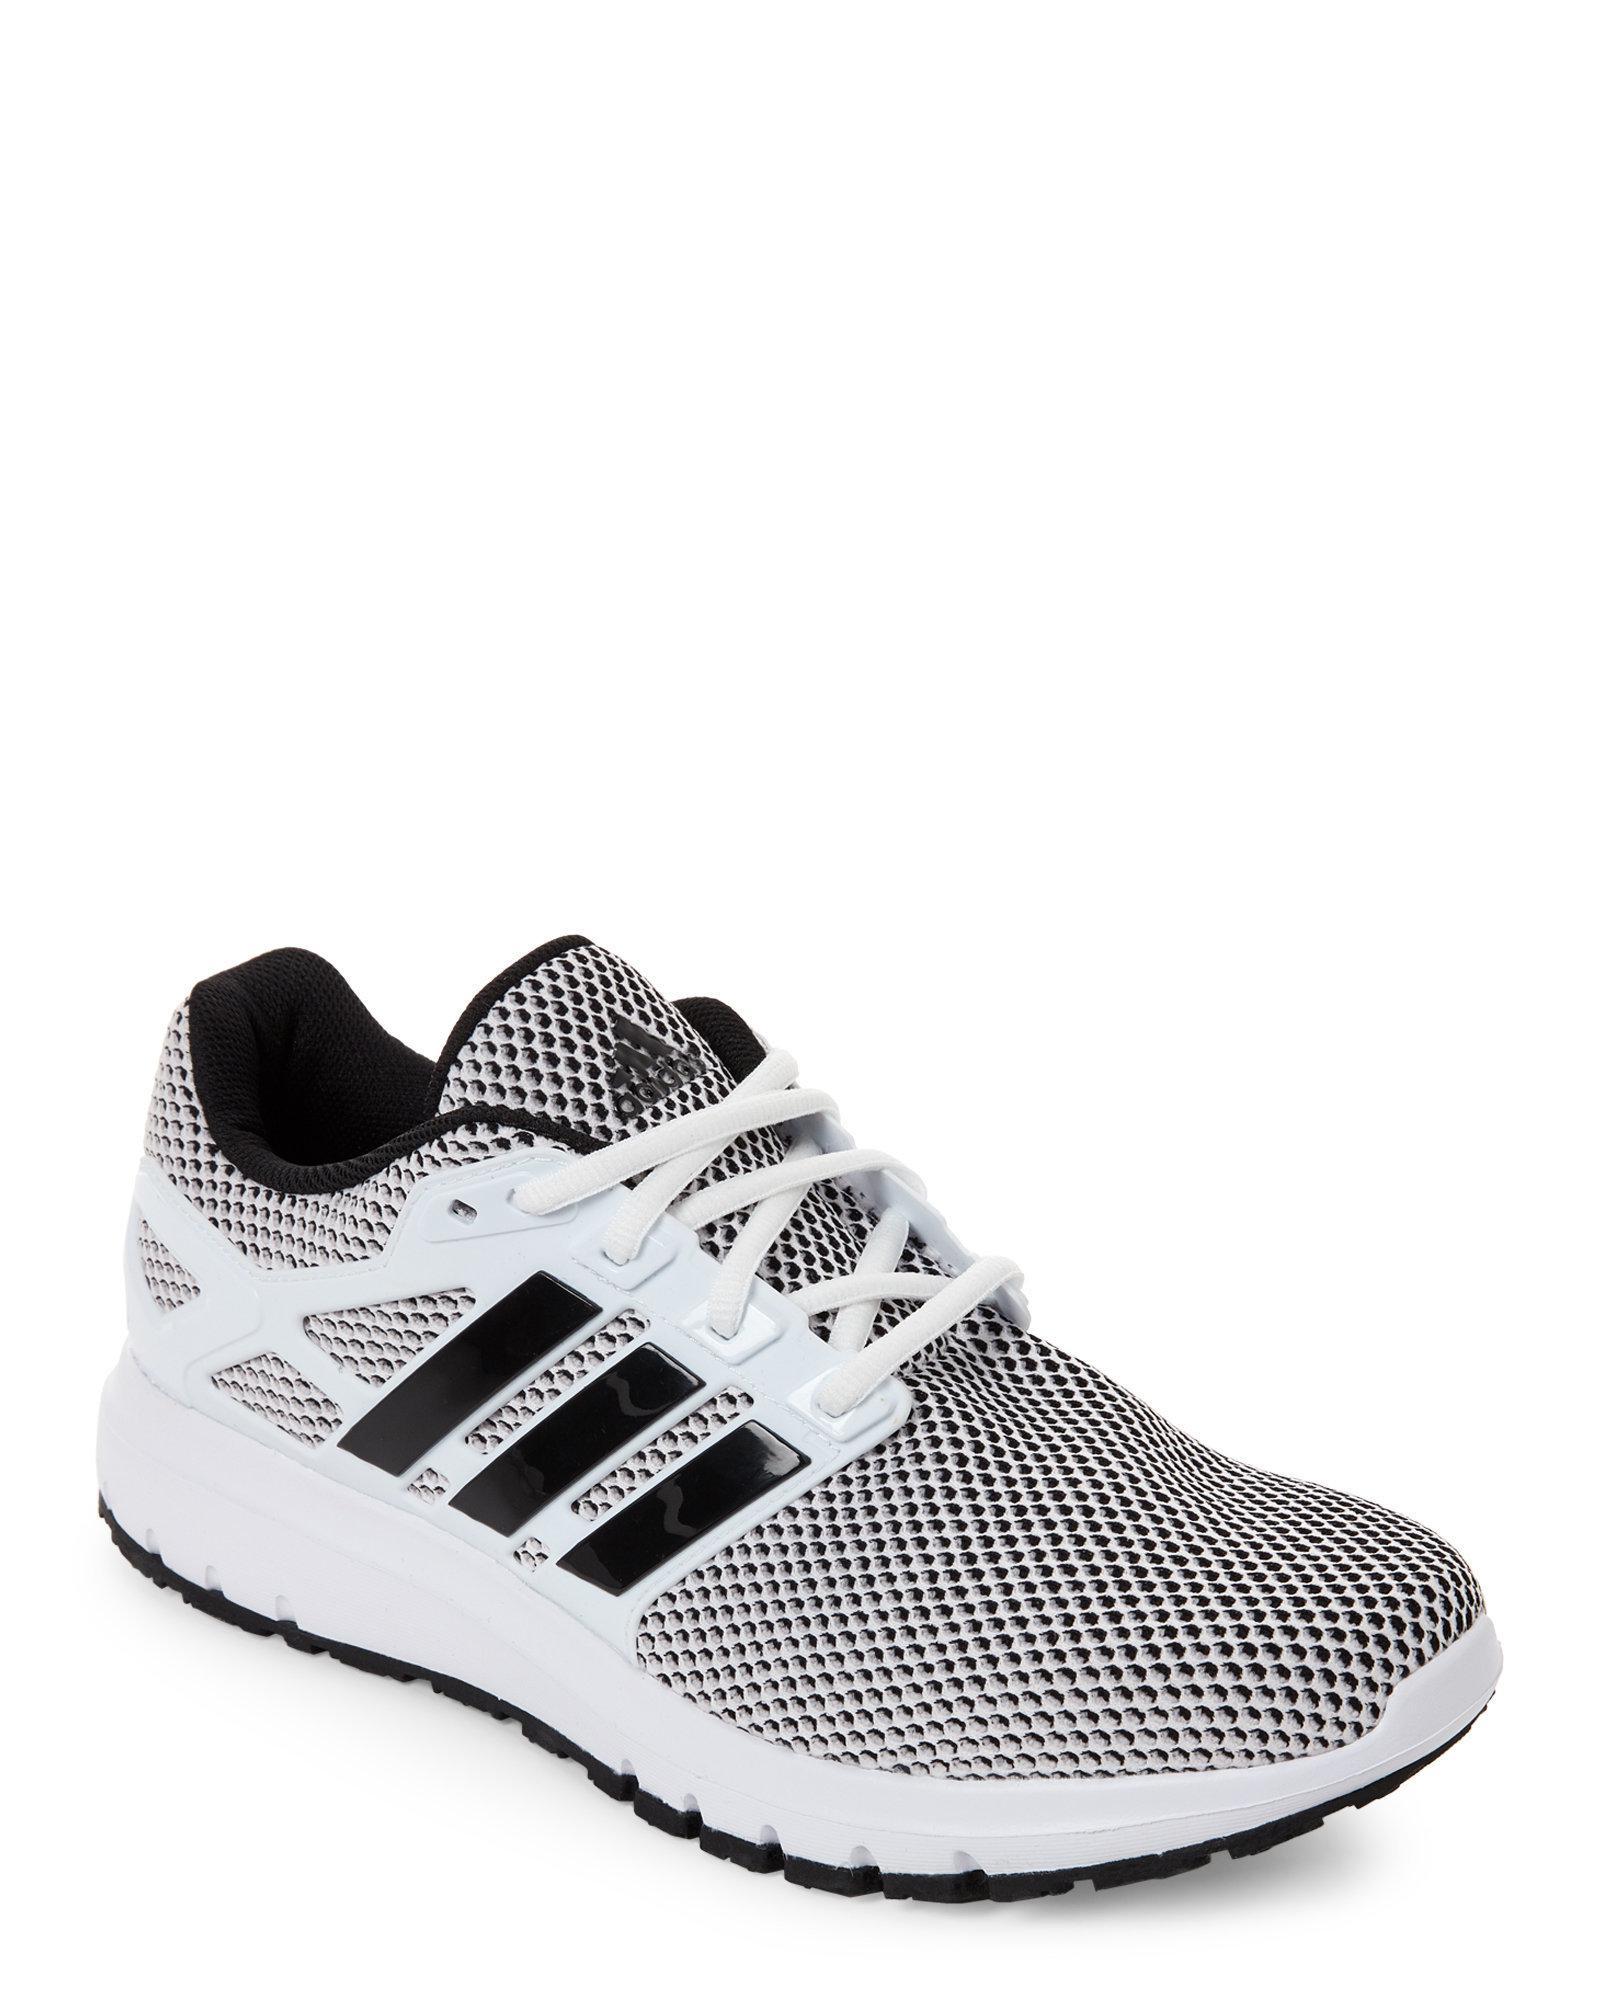 Lyst Adidas White & Black Energy Cloud Running Sneakers in Black